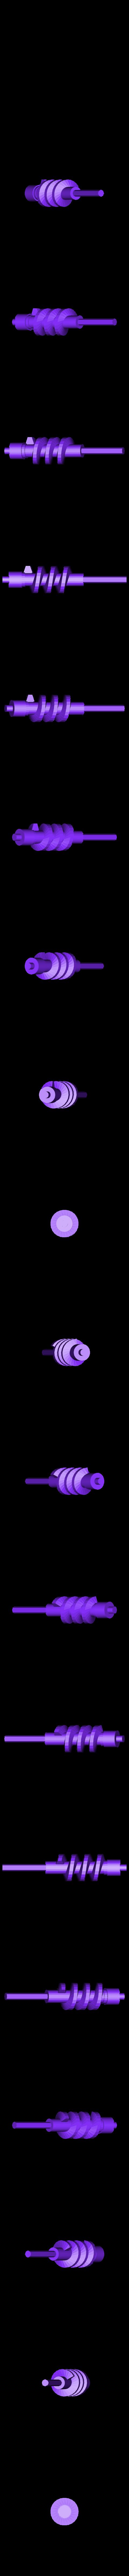 worm_gear.STL Télécharger fichier STL gratuit Mini éolienne verticale • Modèle imprimable en 3D, Urukgar4D